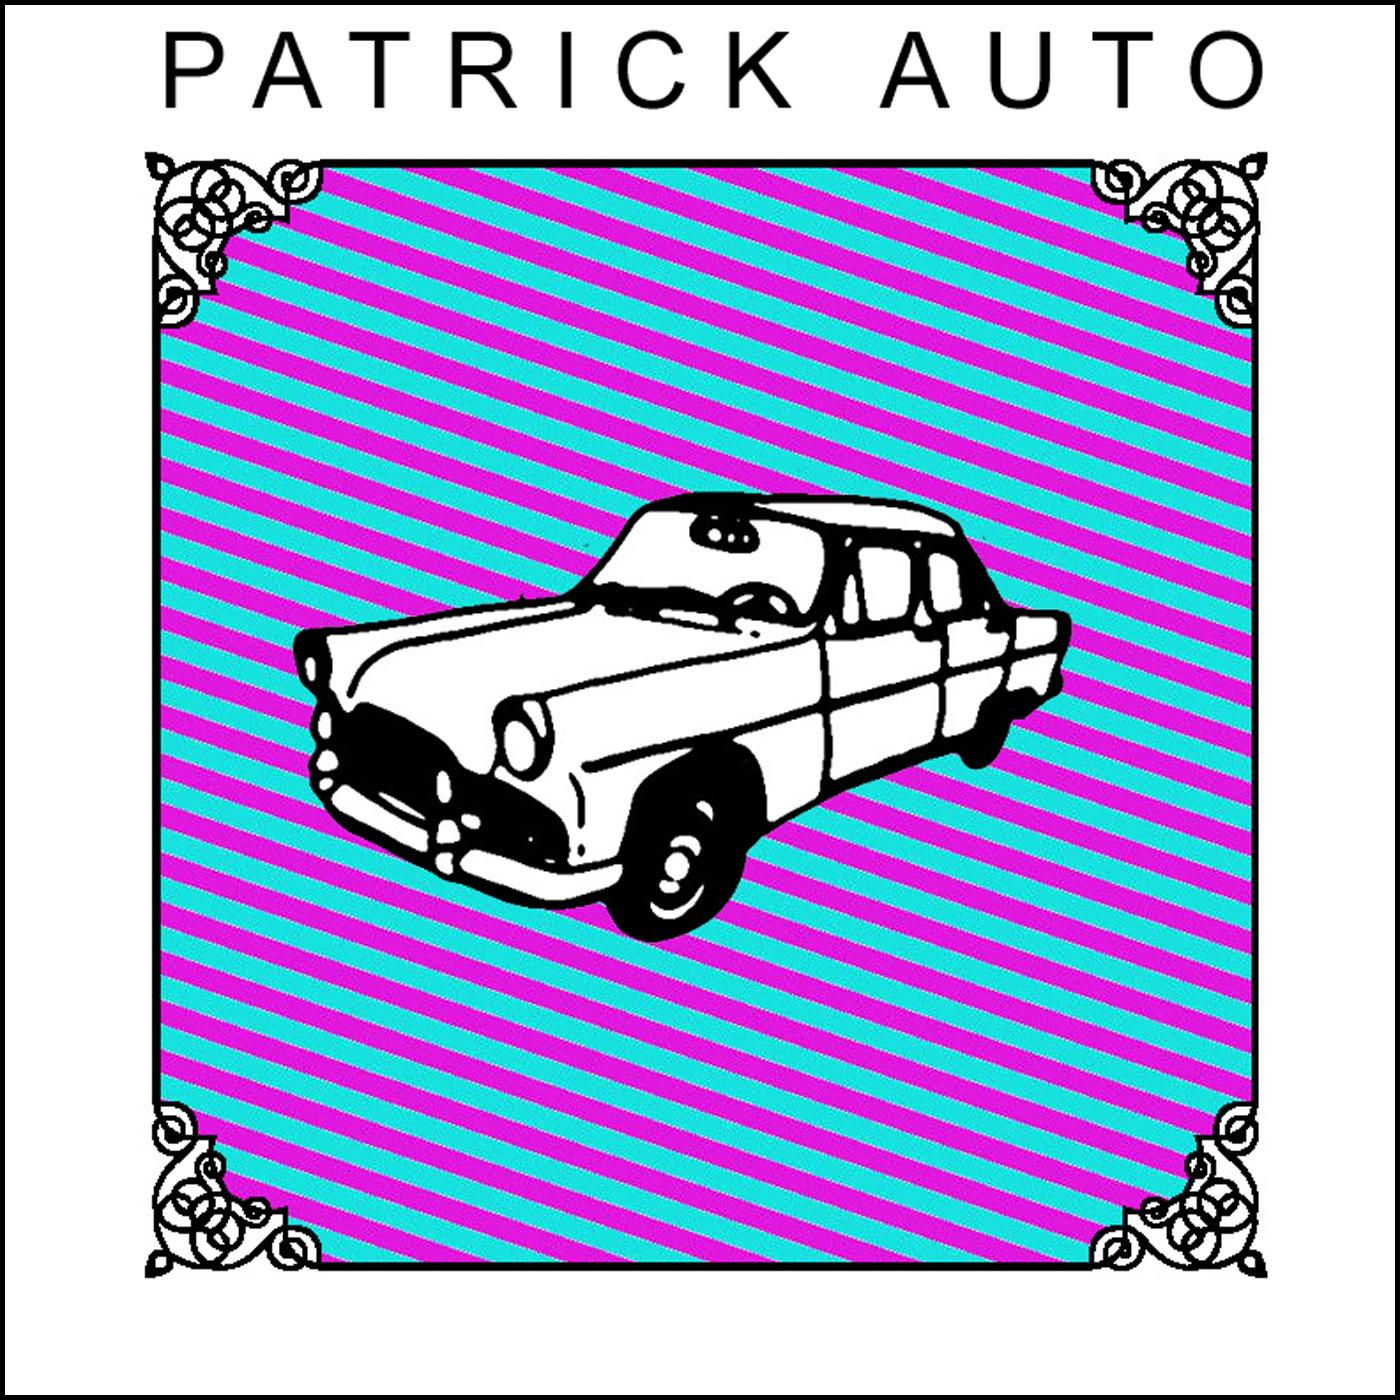 Patrick Auto